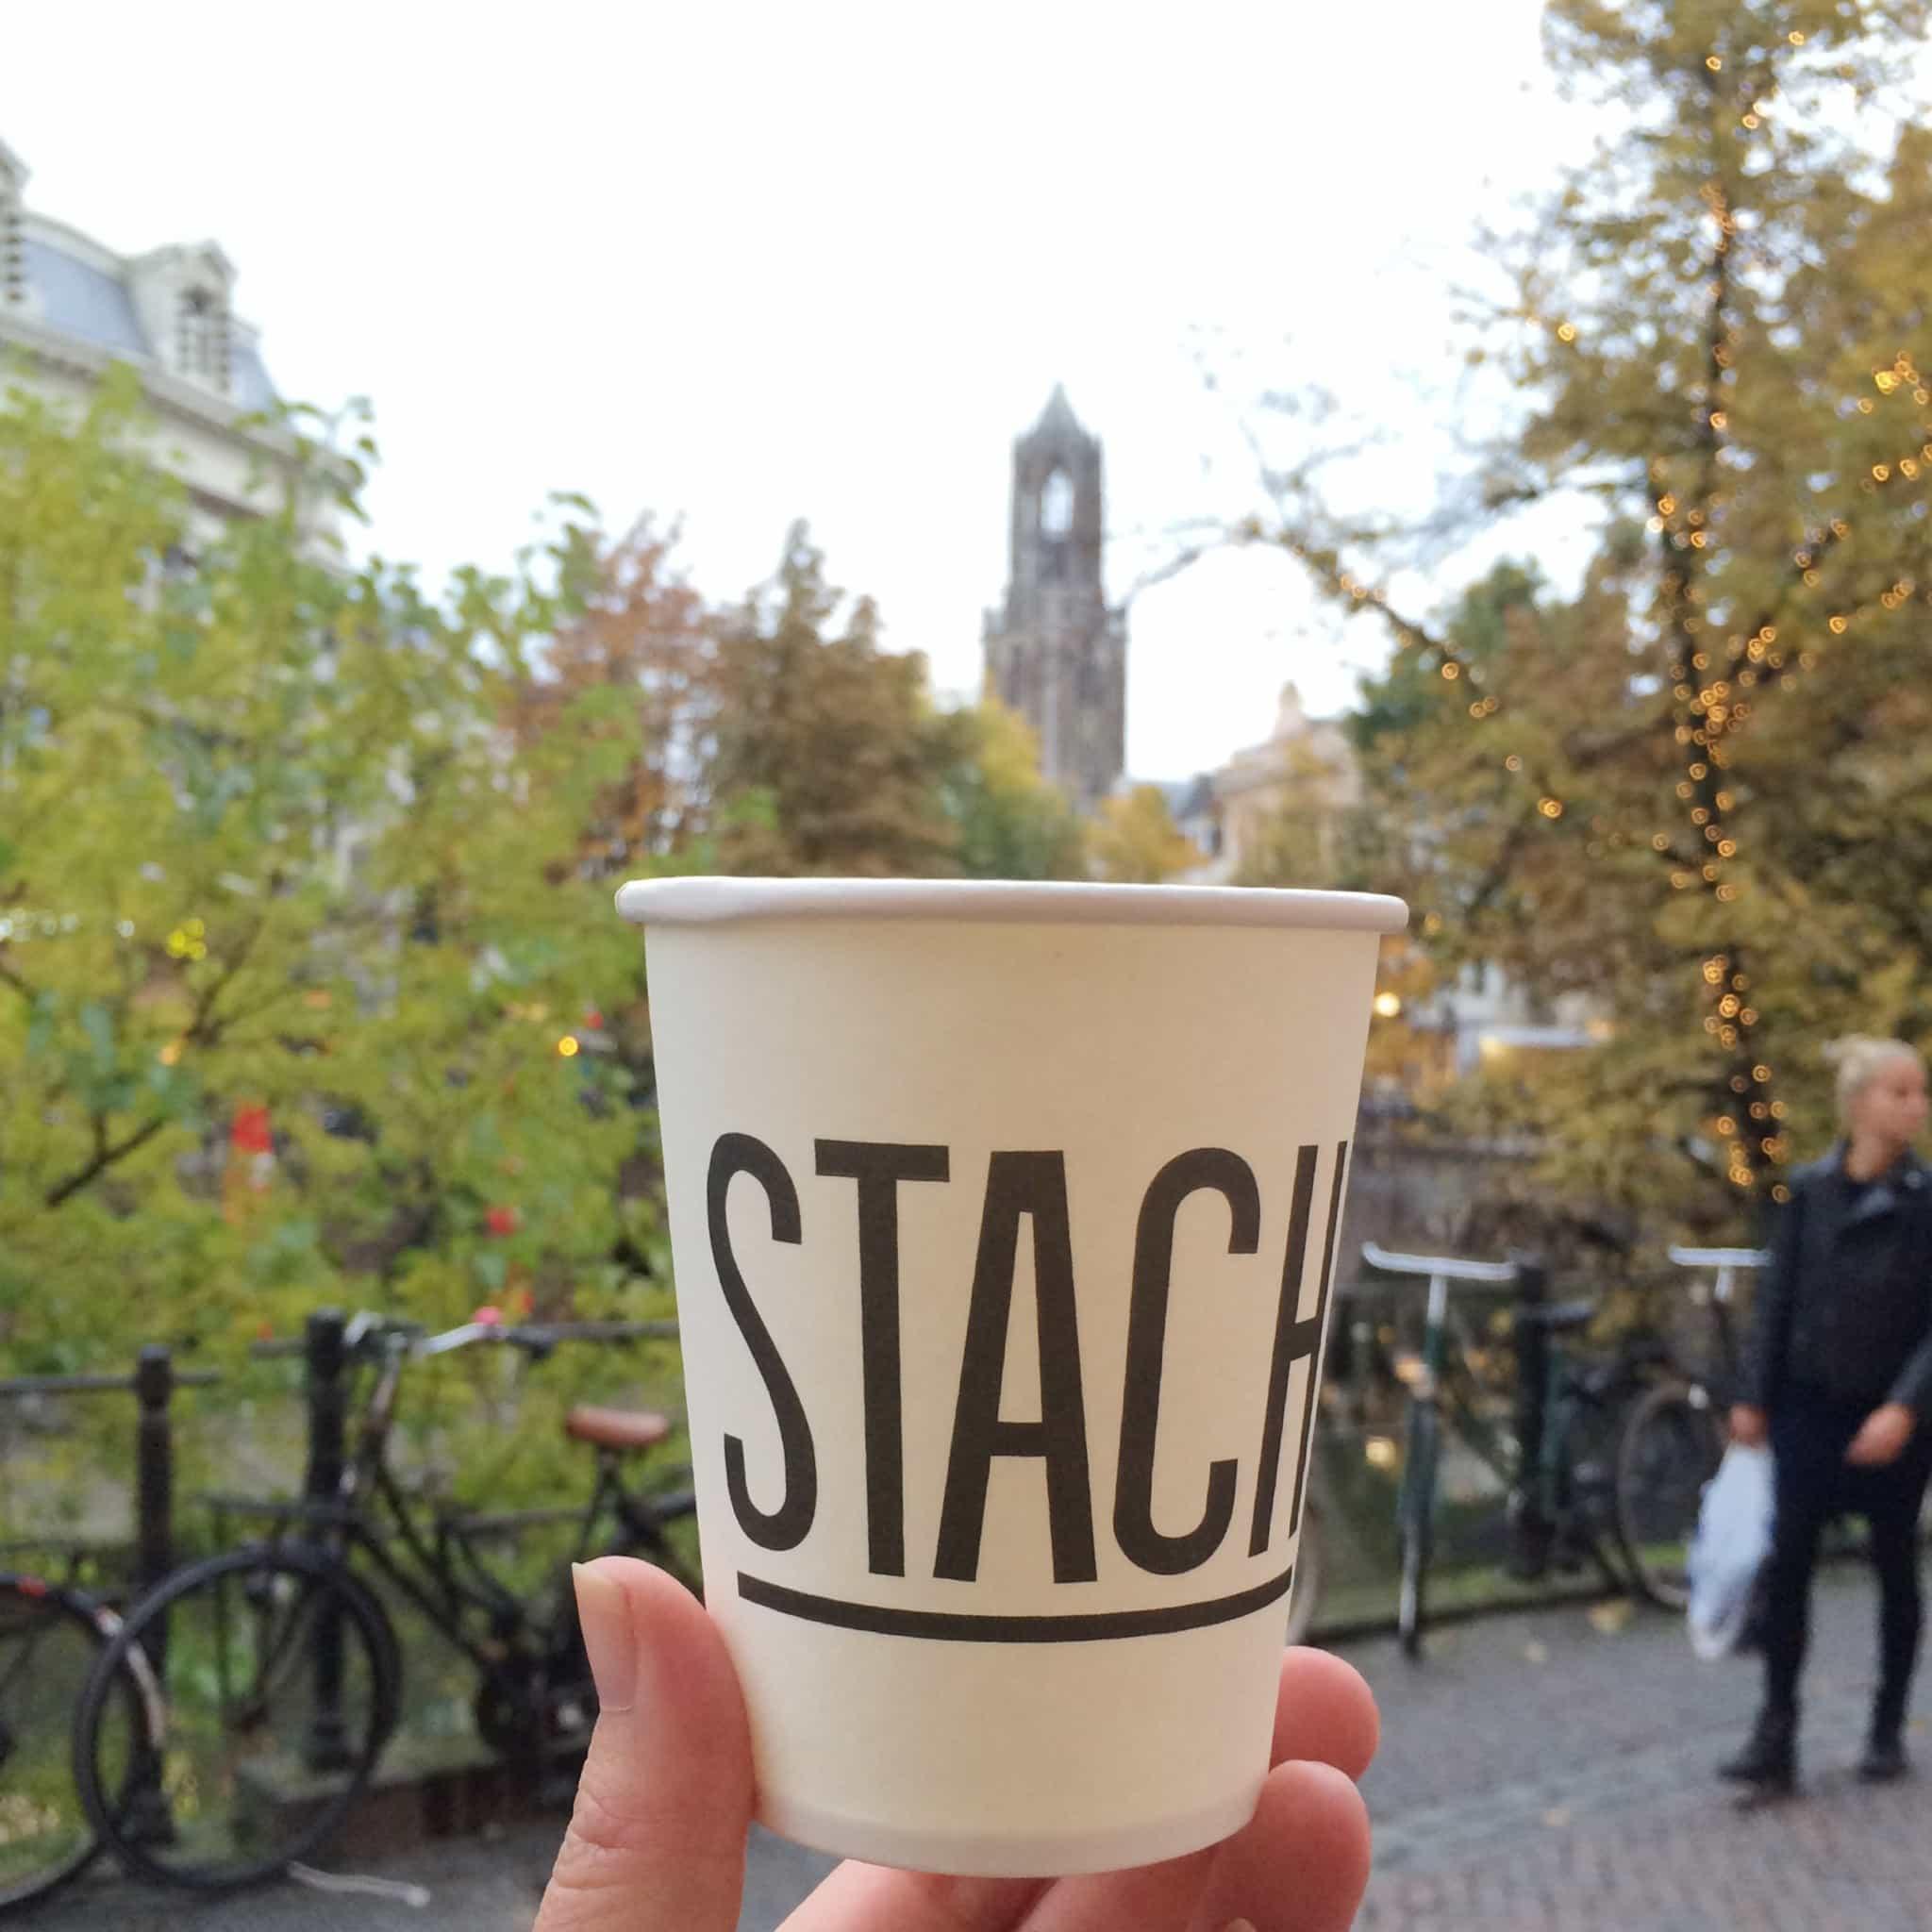 image 23 - Stach nu ook in Utrecht: 030 tip